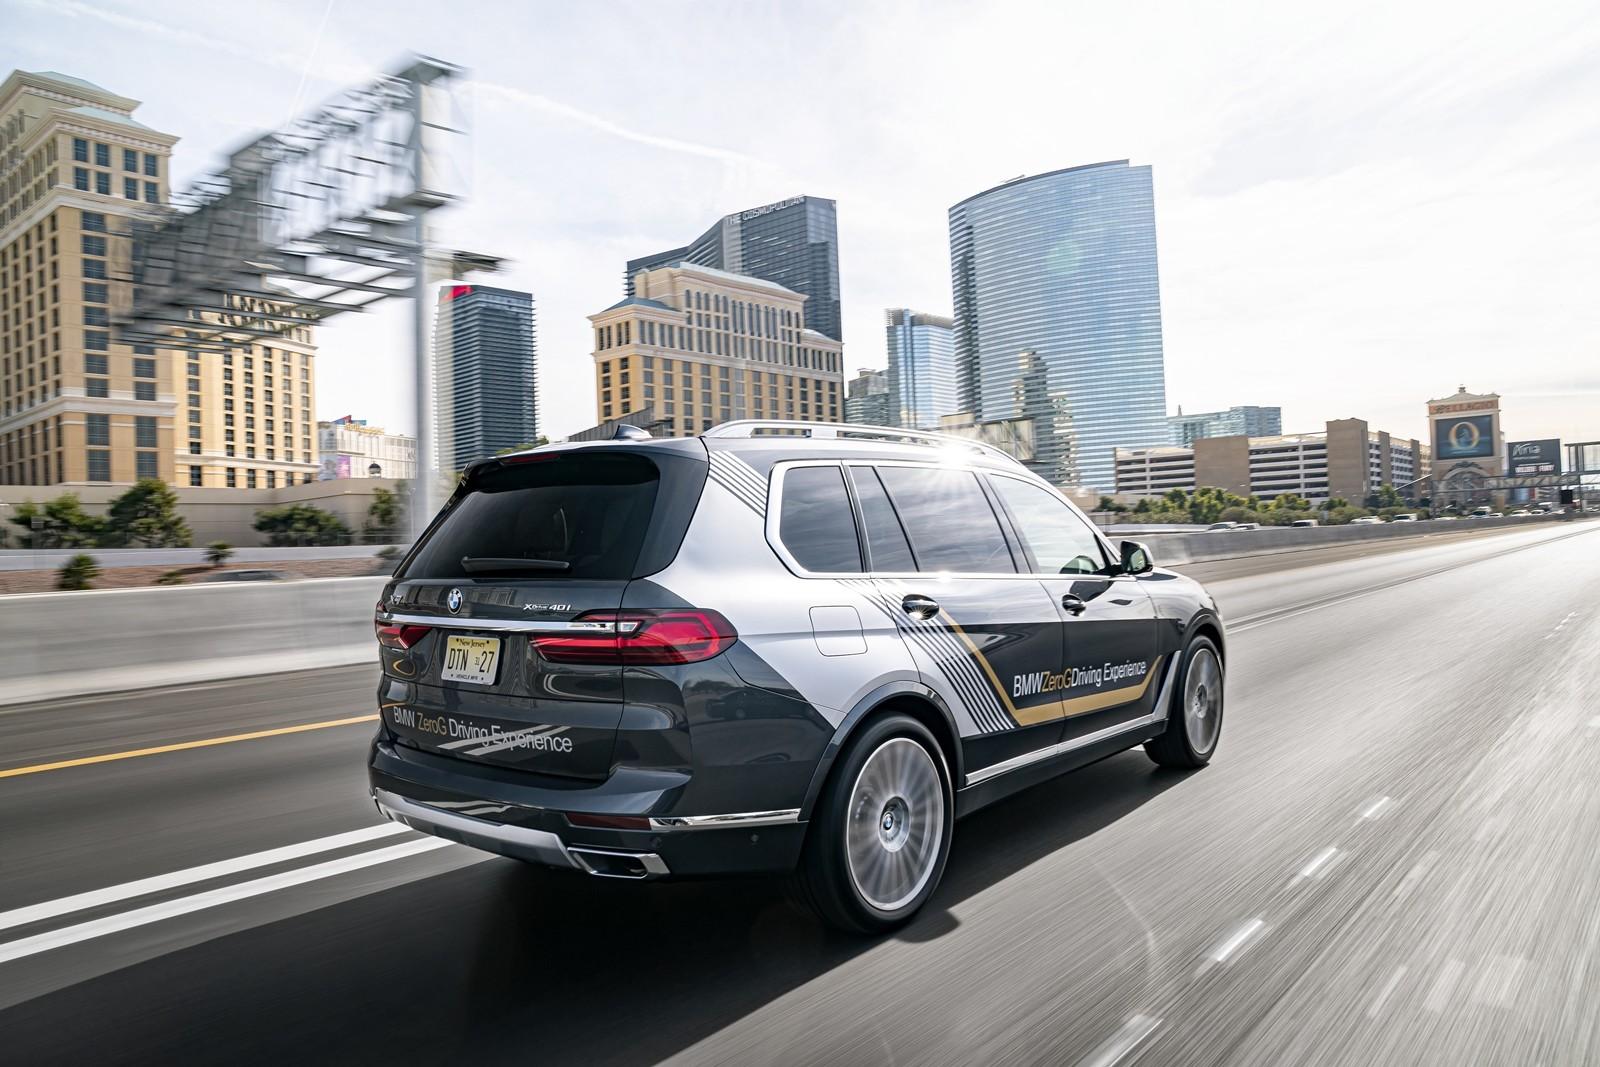 Foto de BMW X7 ZeroG Lounger 2020 (1/15)